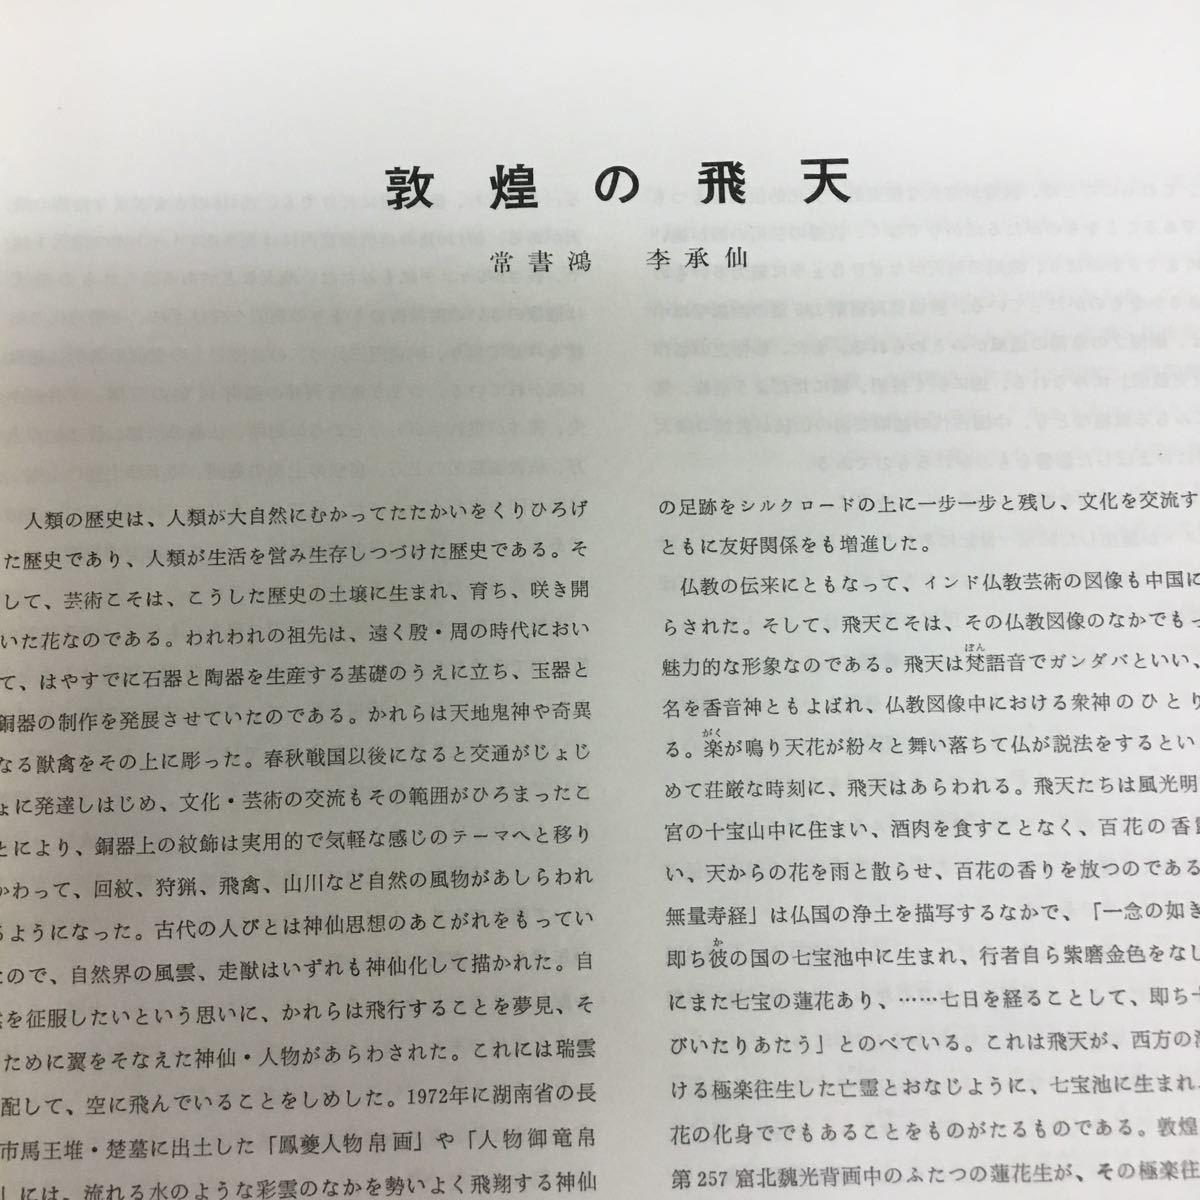 きー25★敦煌の飛天 中国語・中国旅遊出版社 1980年発行 日本文説明綴り・写真目録 箱付き_画像9